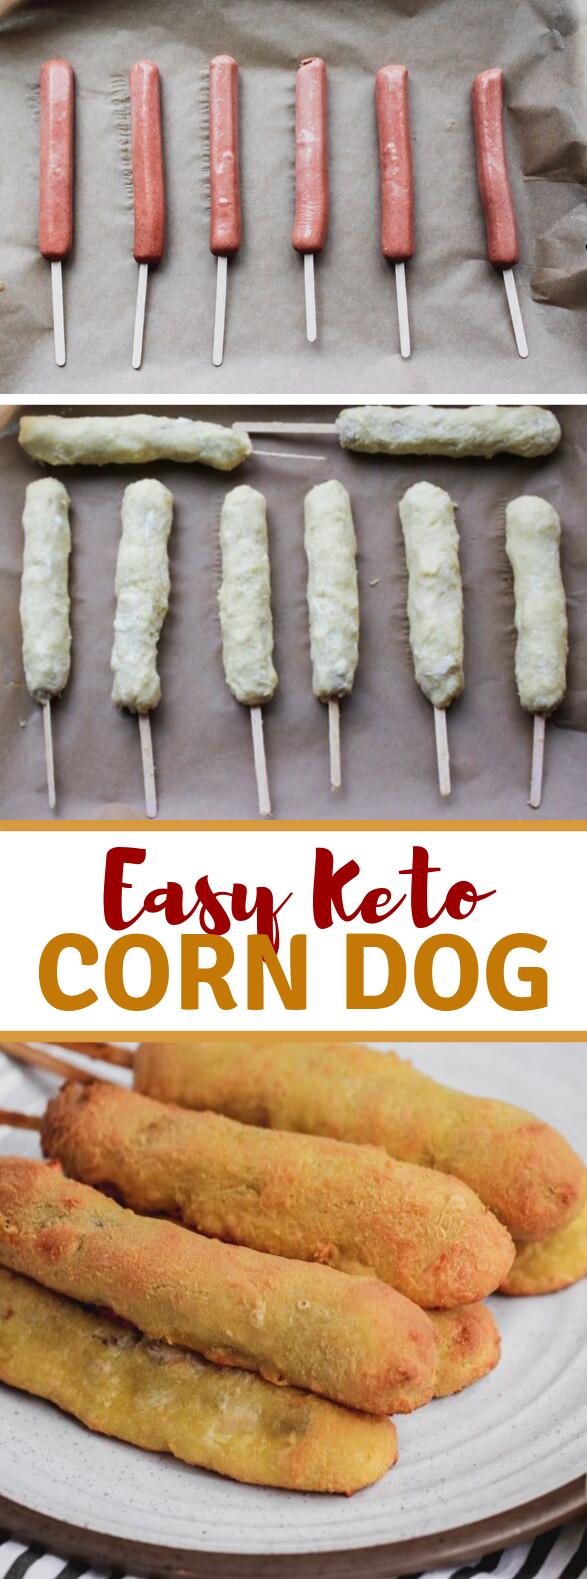 KETO CORN DOGS #healthy #ketofriendly